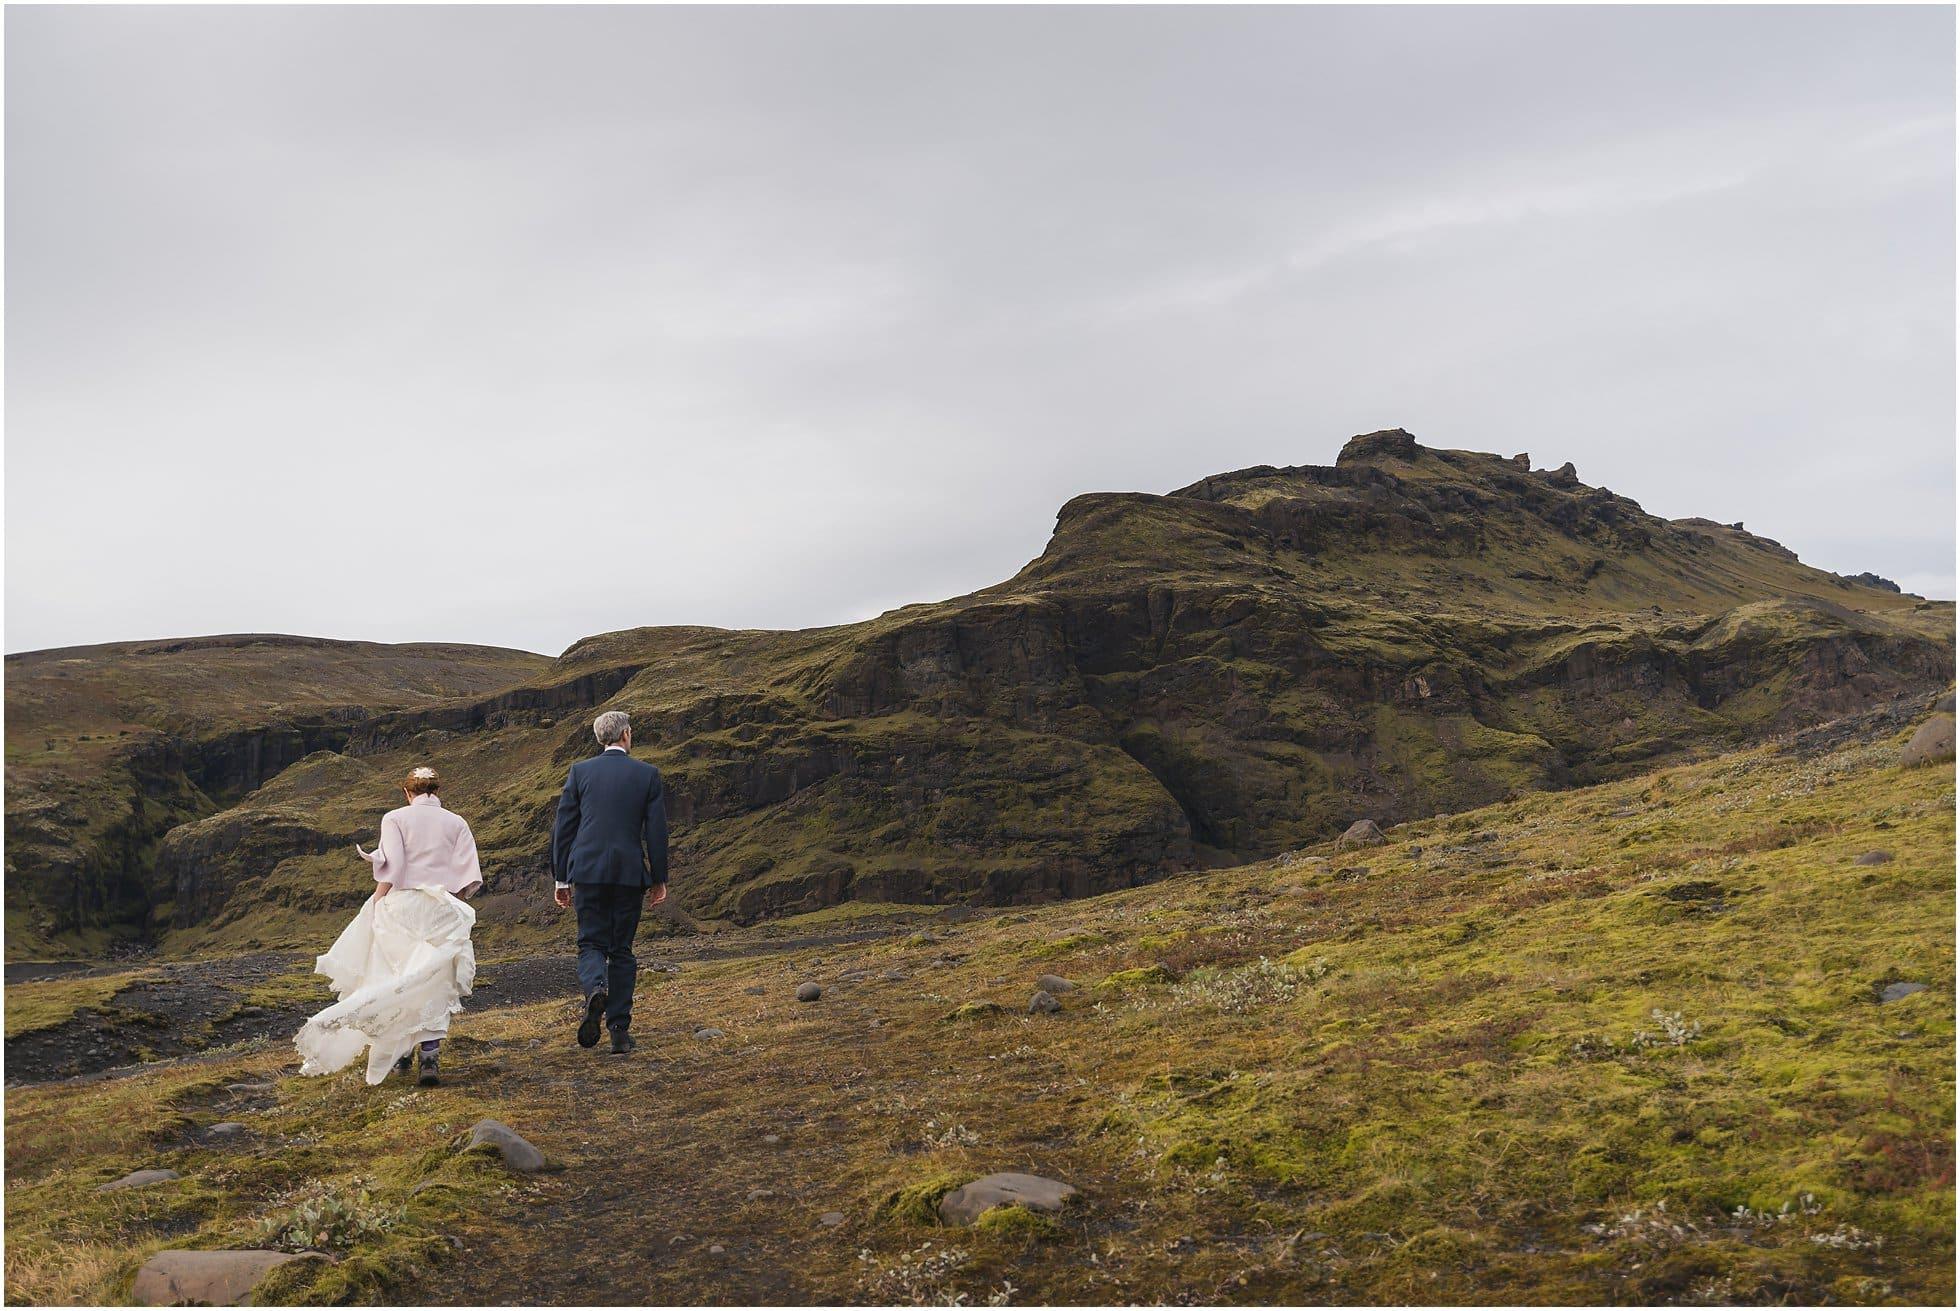 Walking to the Sólheimajökull glacier